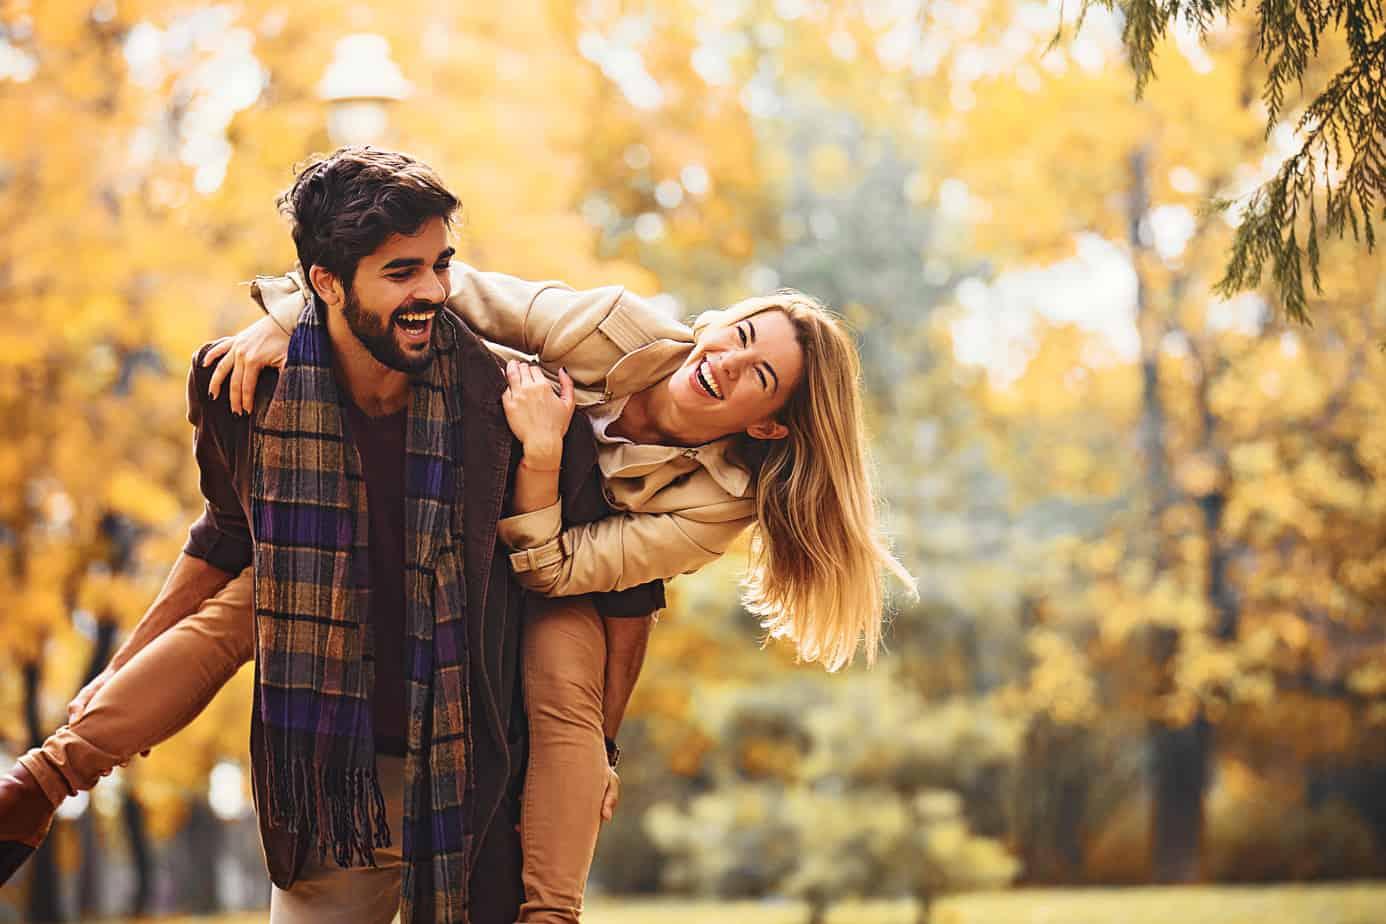 【看護大学院受験】大学院進学と結婚、どっちが優先?【大学院 結婚】